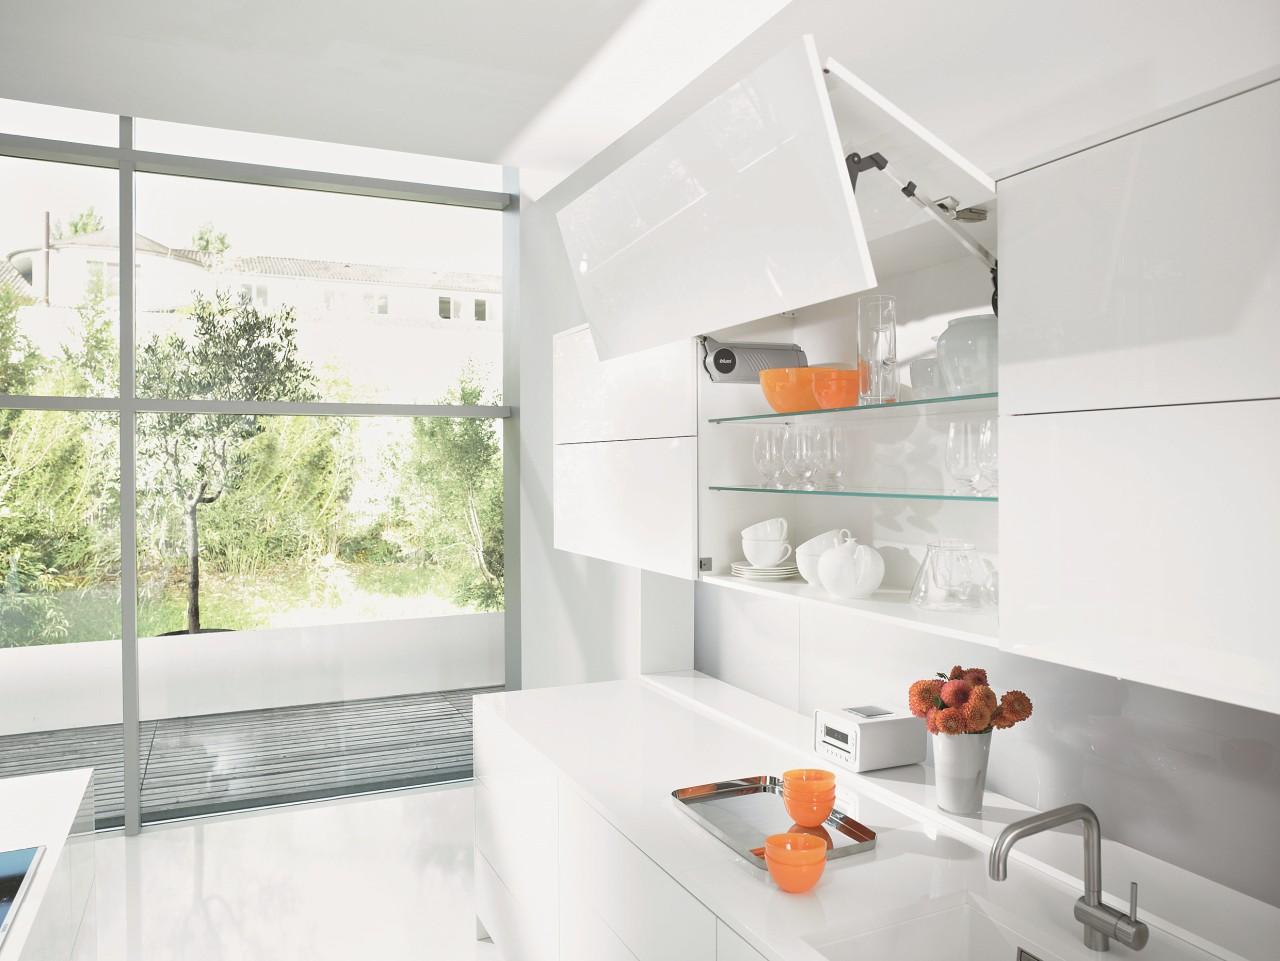 Keuken Scharnieren Blum : Blum scharnieren en geleiders de keukenkenners